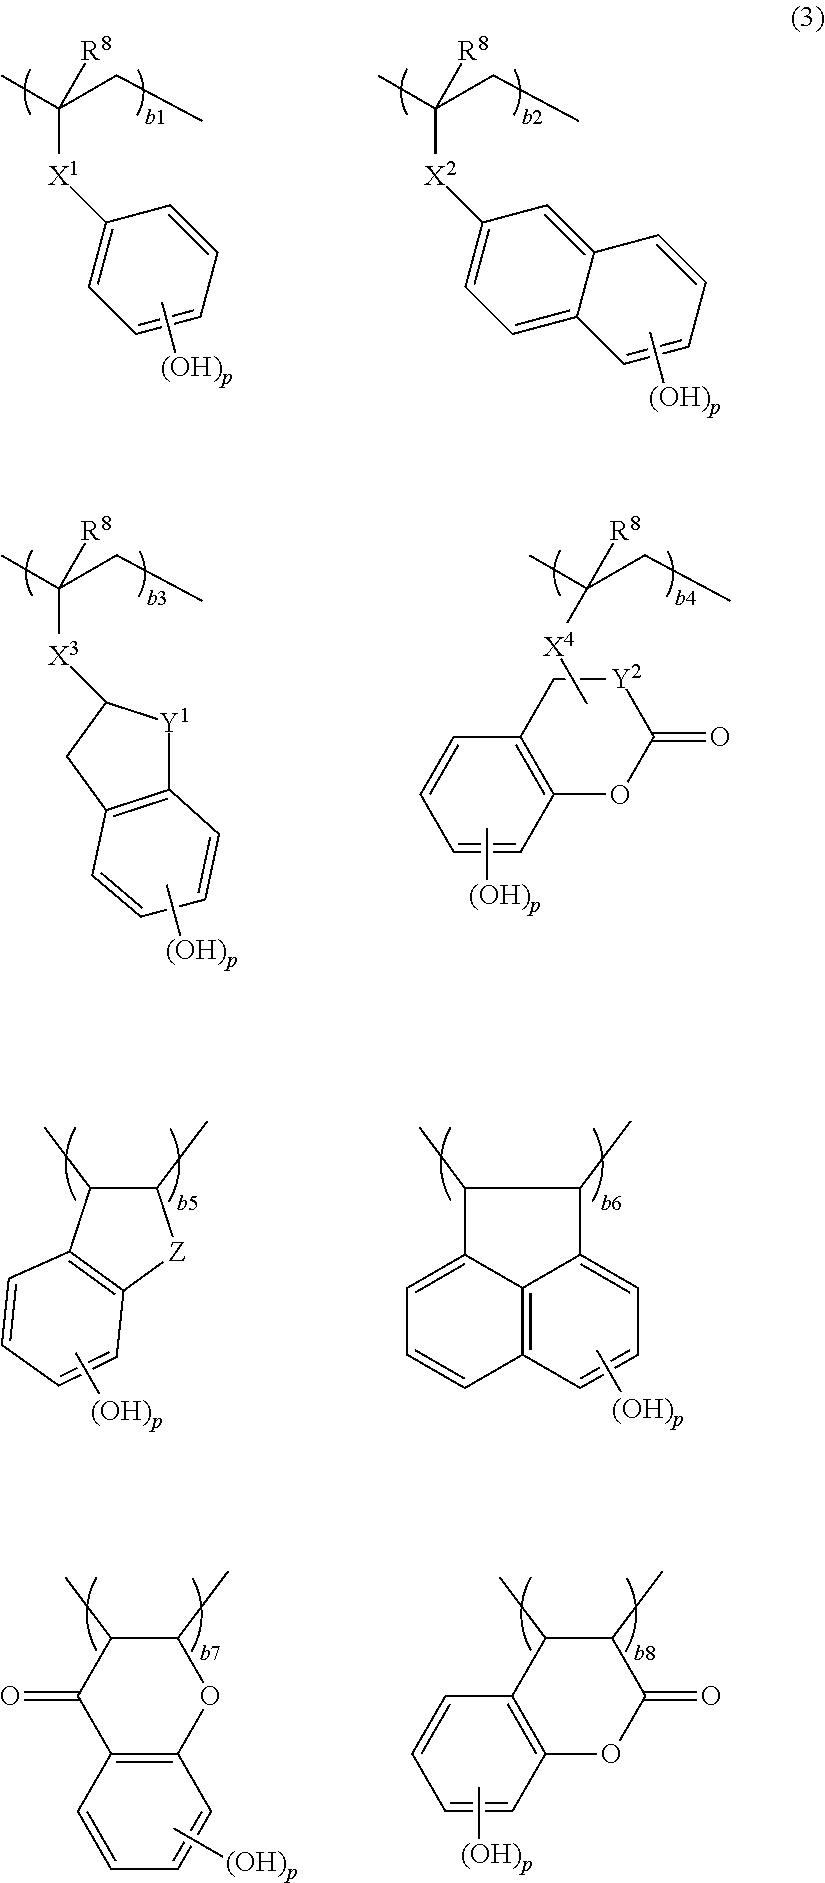 Figure US20110294070A1-20111201-C00004